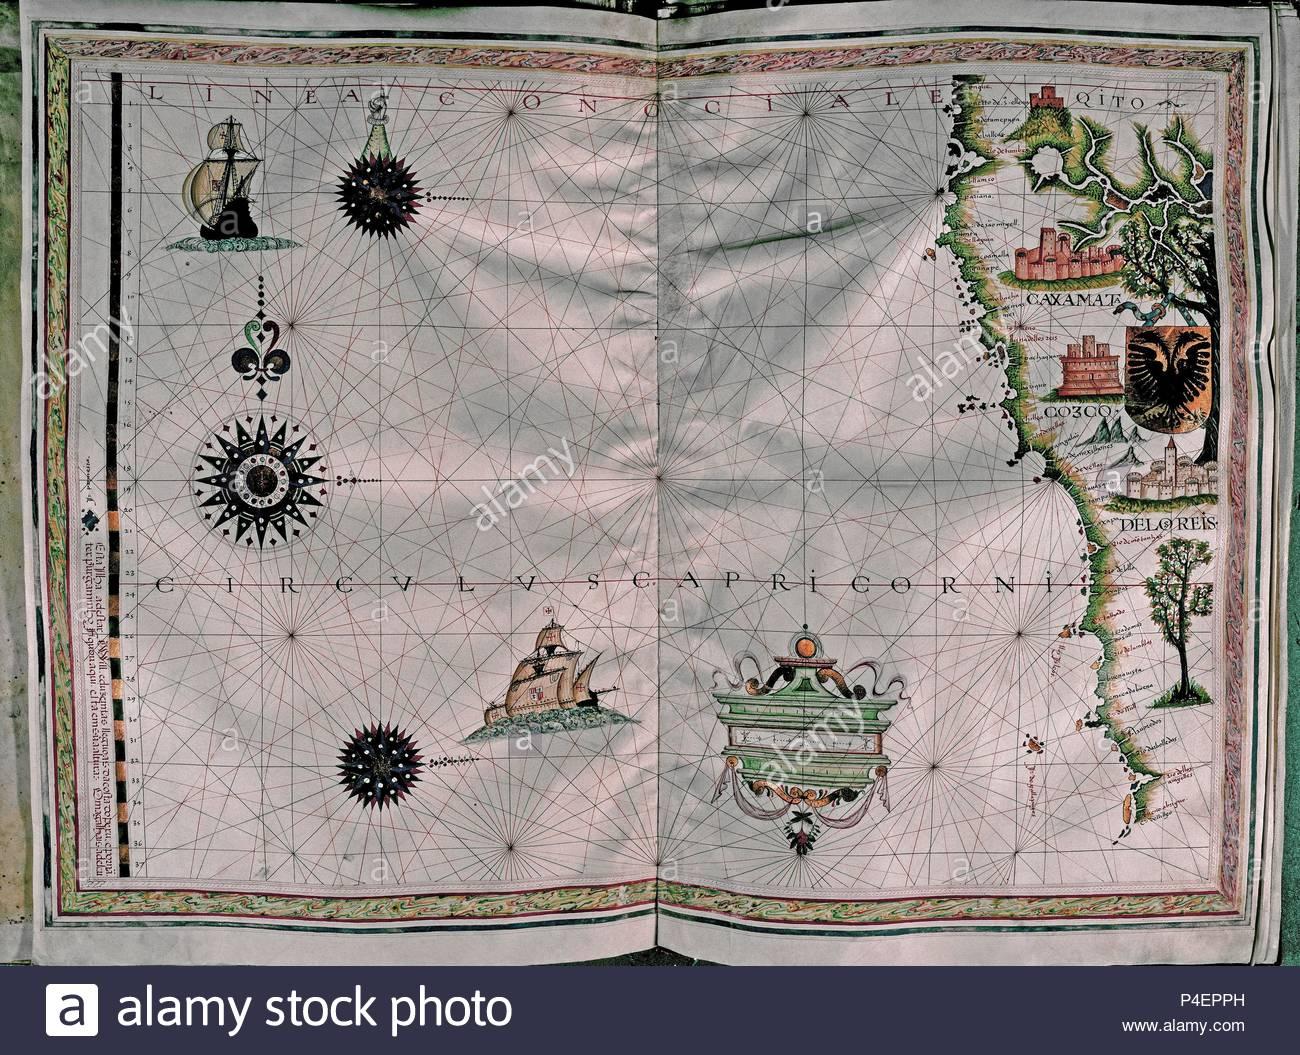 MAPA DE LA COSTA DEL PACIFICO - AMERICA DEL SUR-ATLAS PORTULANO-1568 ...